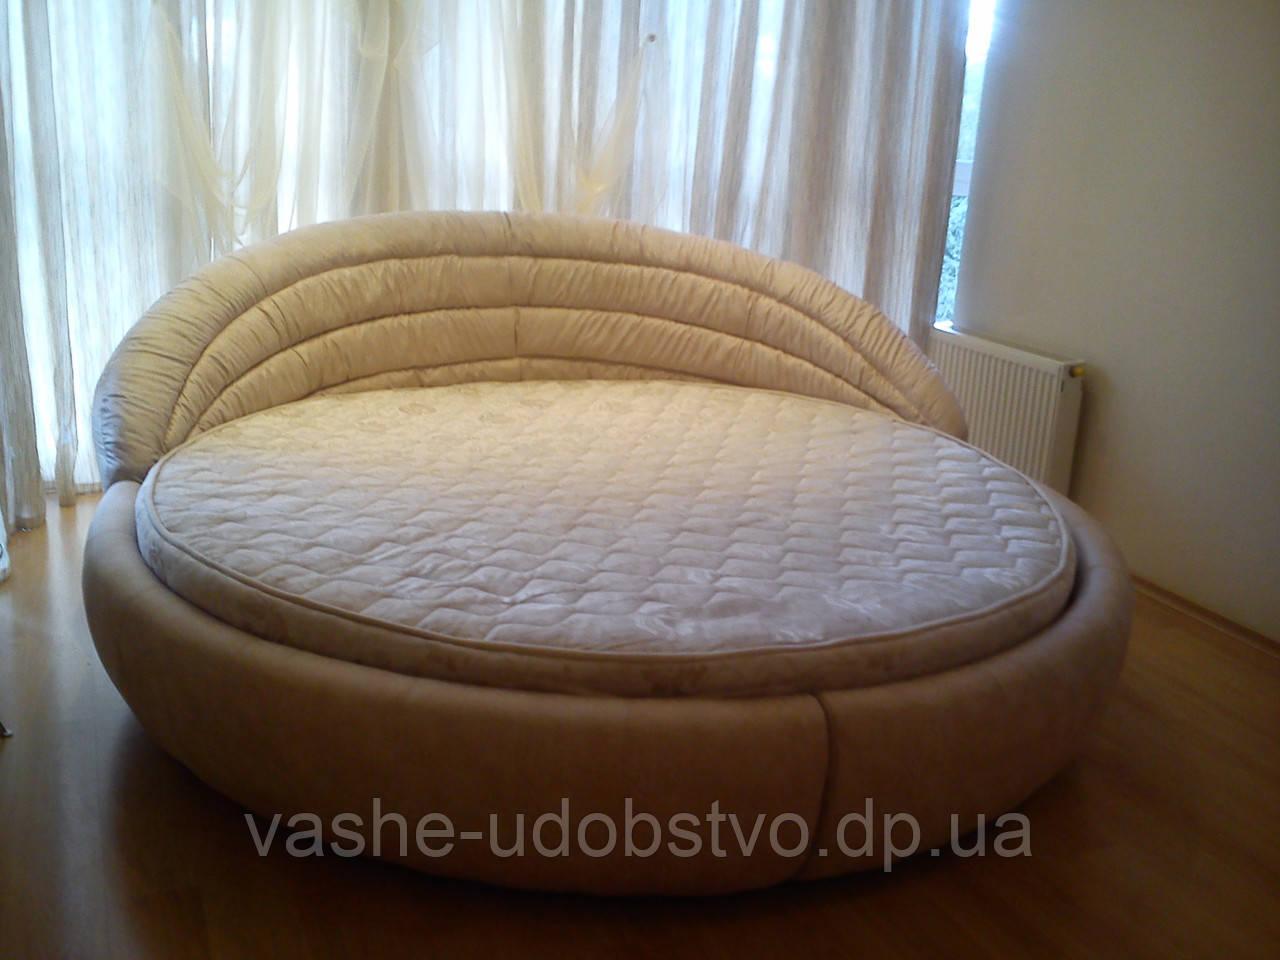 Перетяжка и ремонт кроватей.